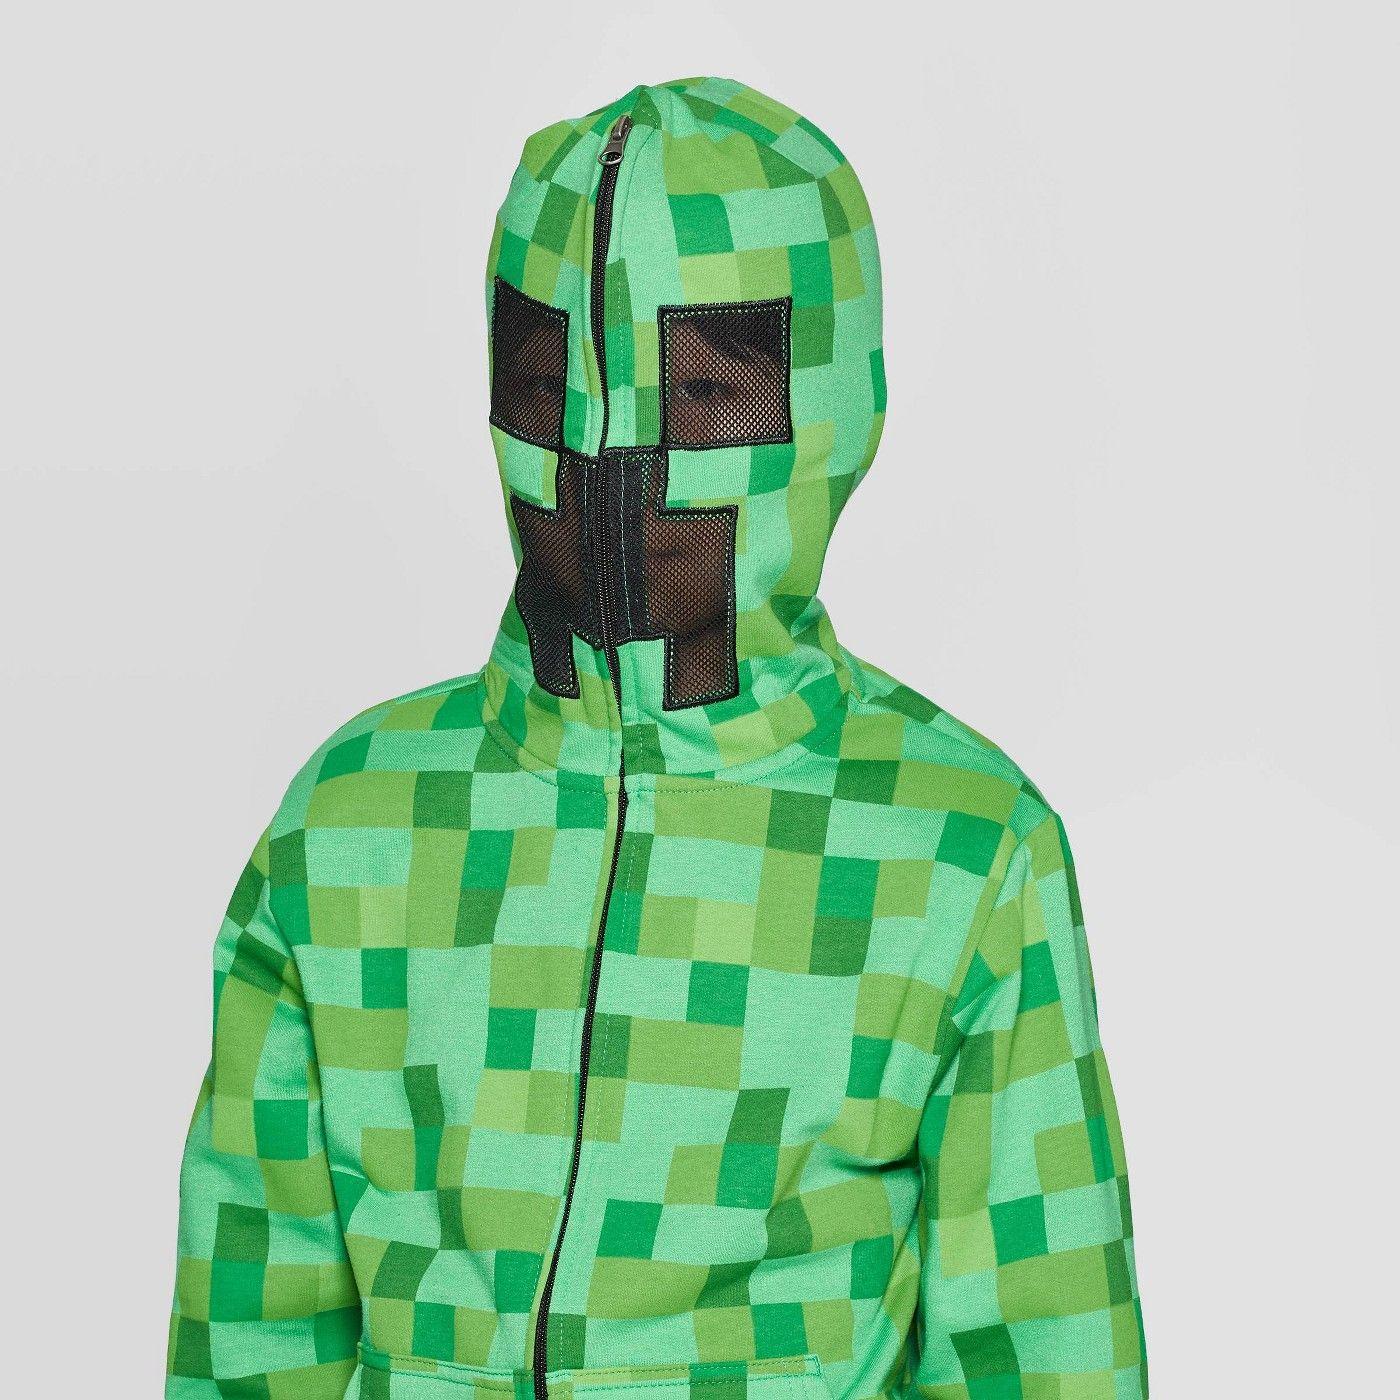 Minecraft Creeper All Over Print Boys Green Zip Up Felpa con cappuccio per bambini